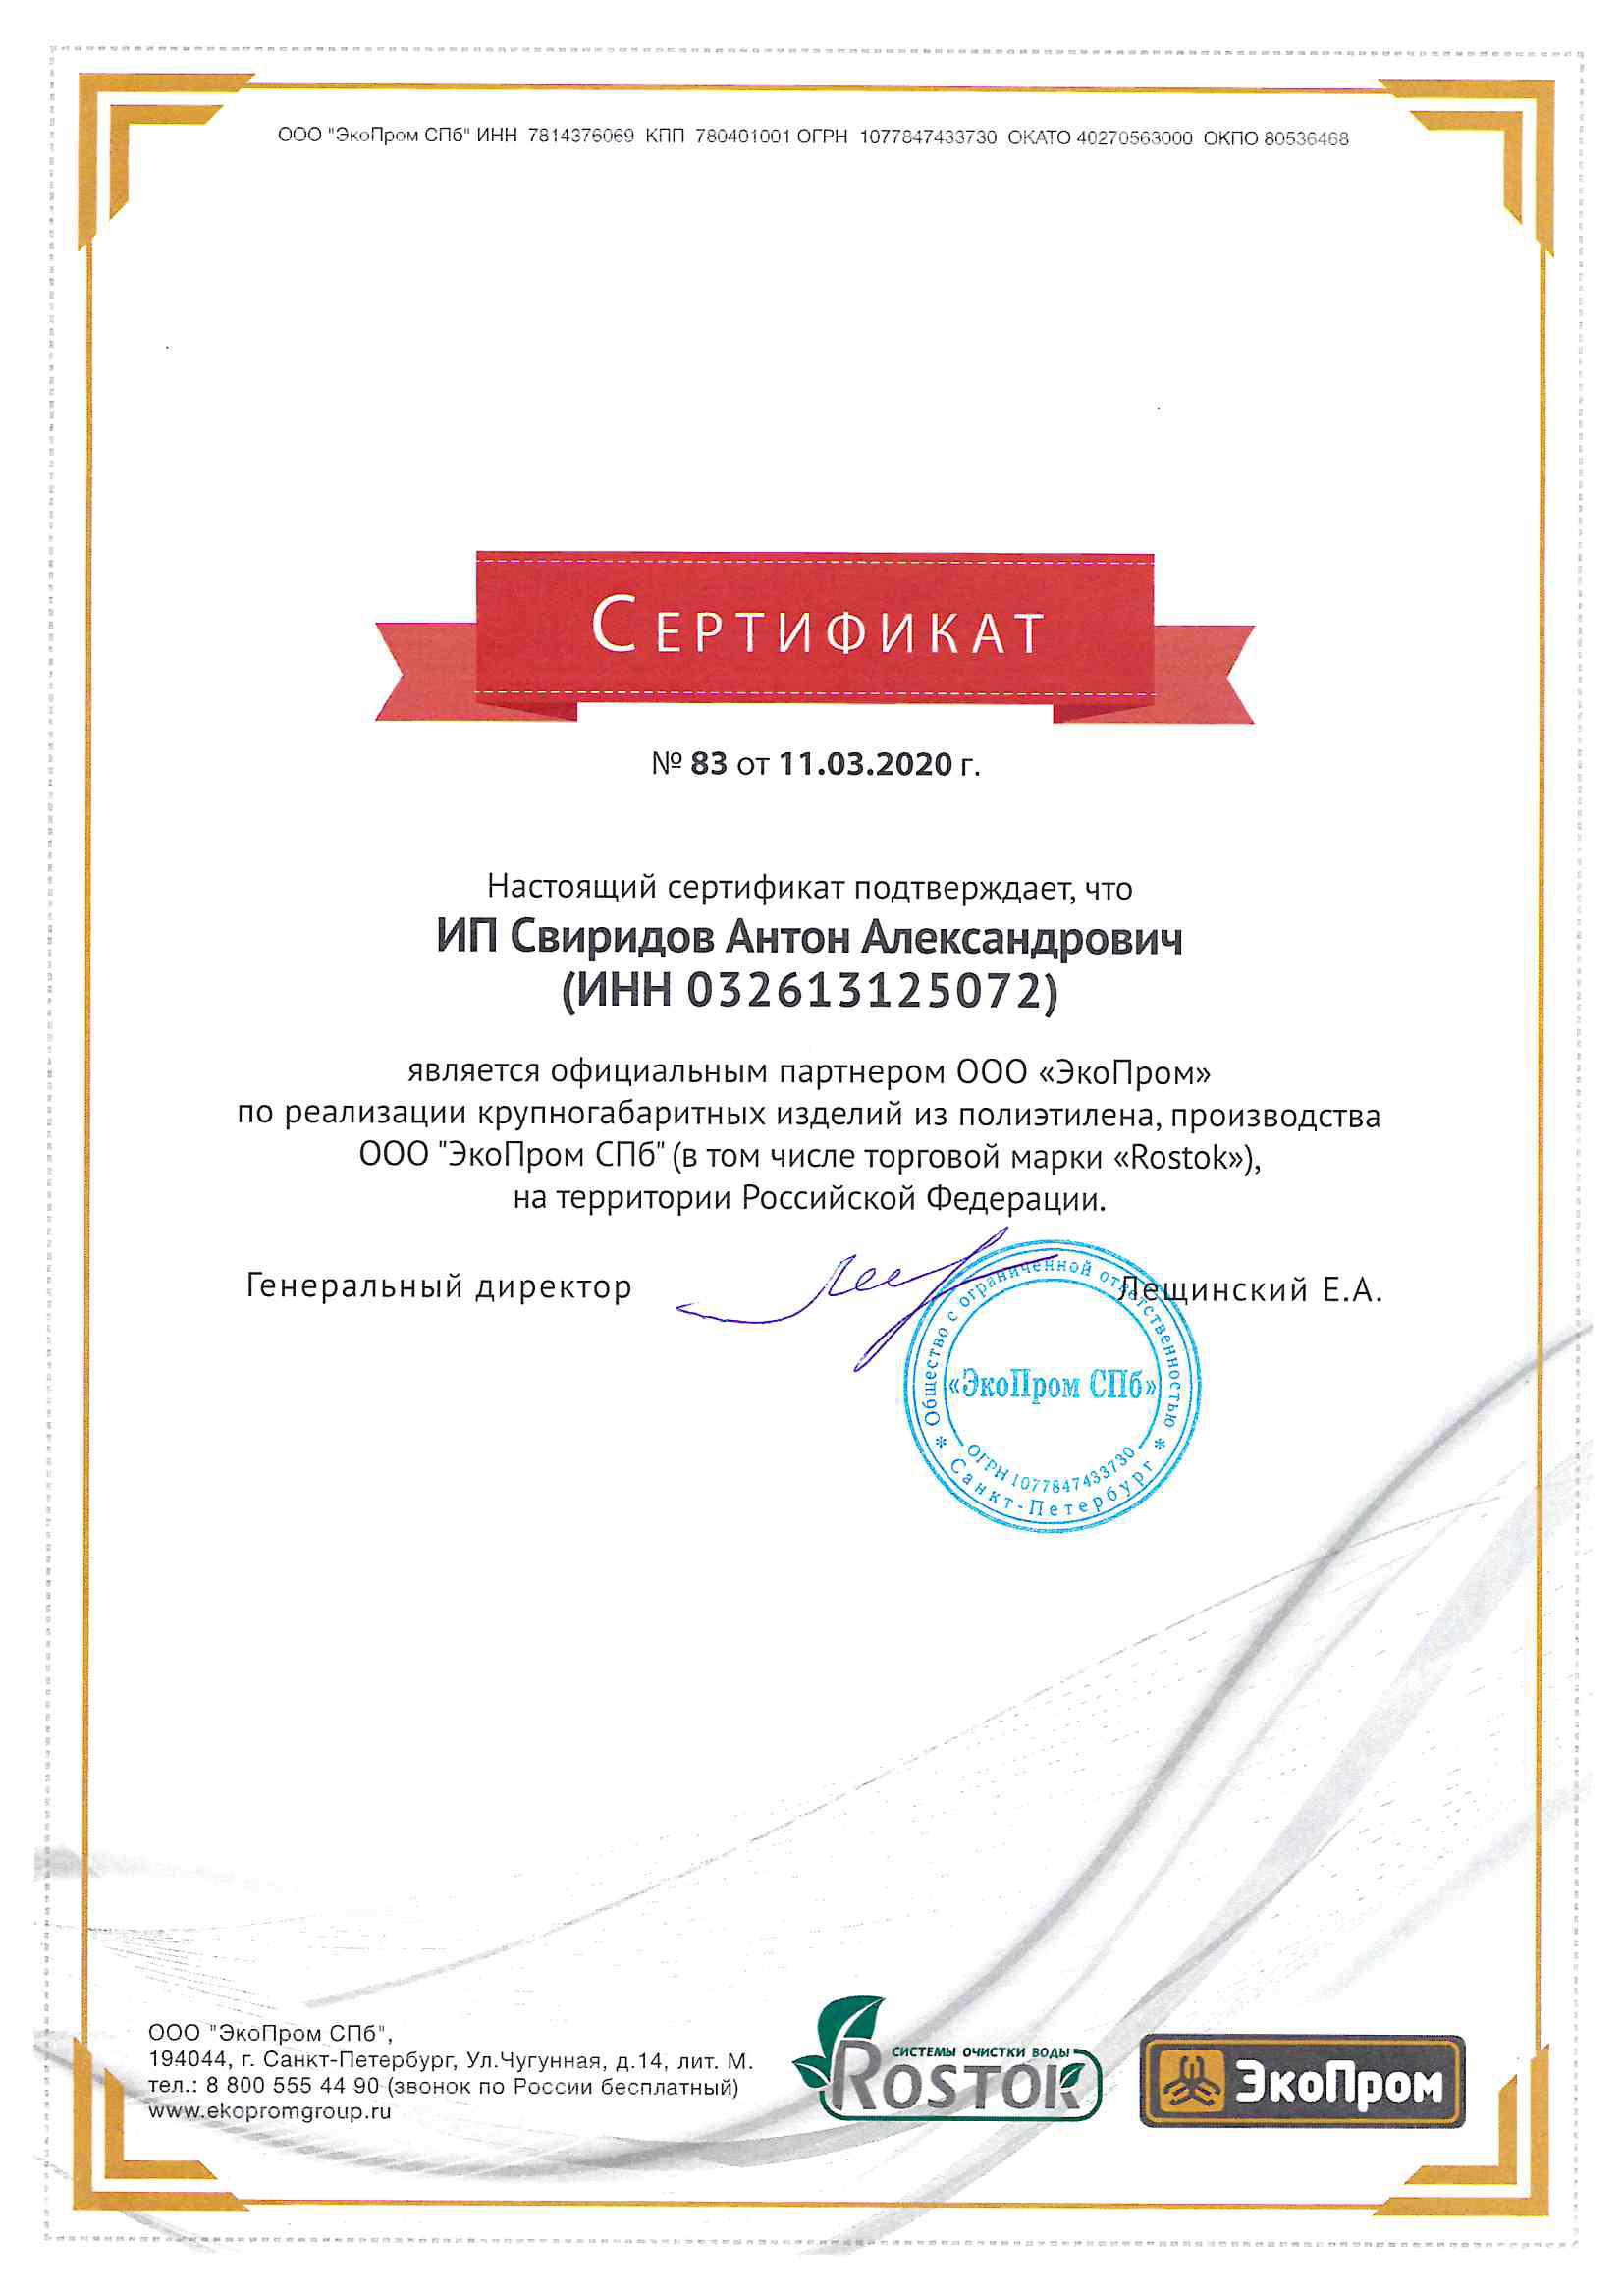 Сертификат официального партнера ООО